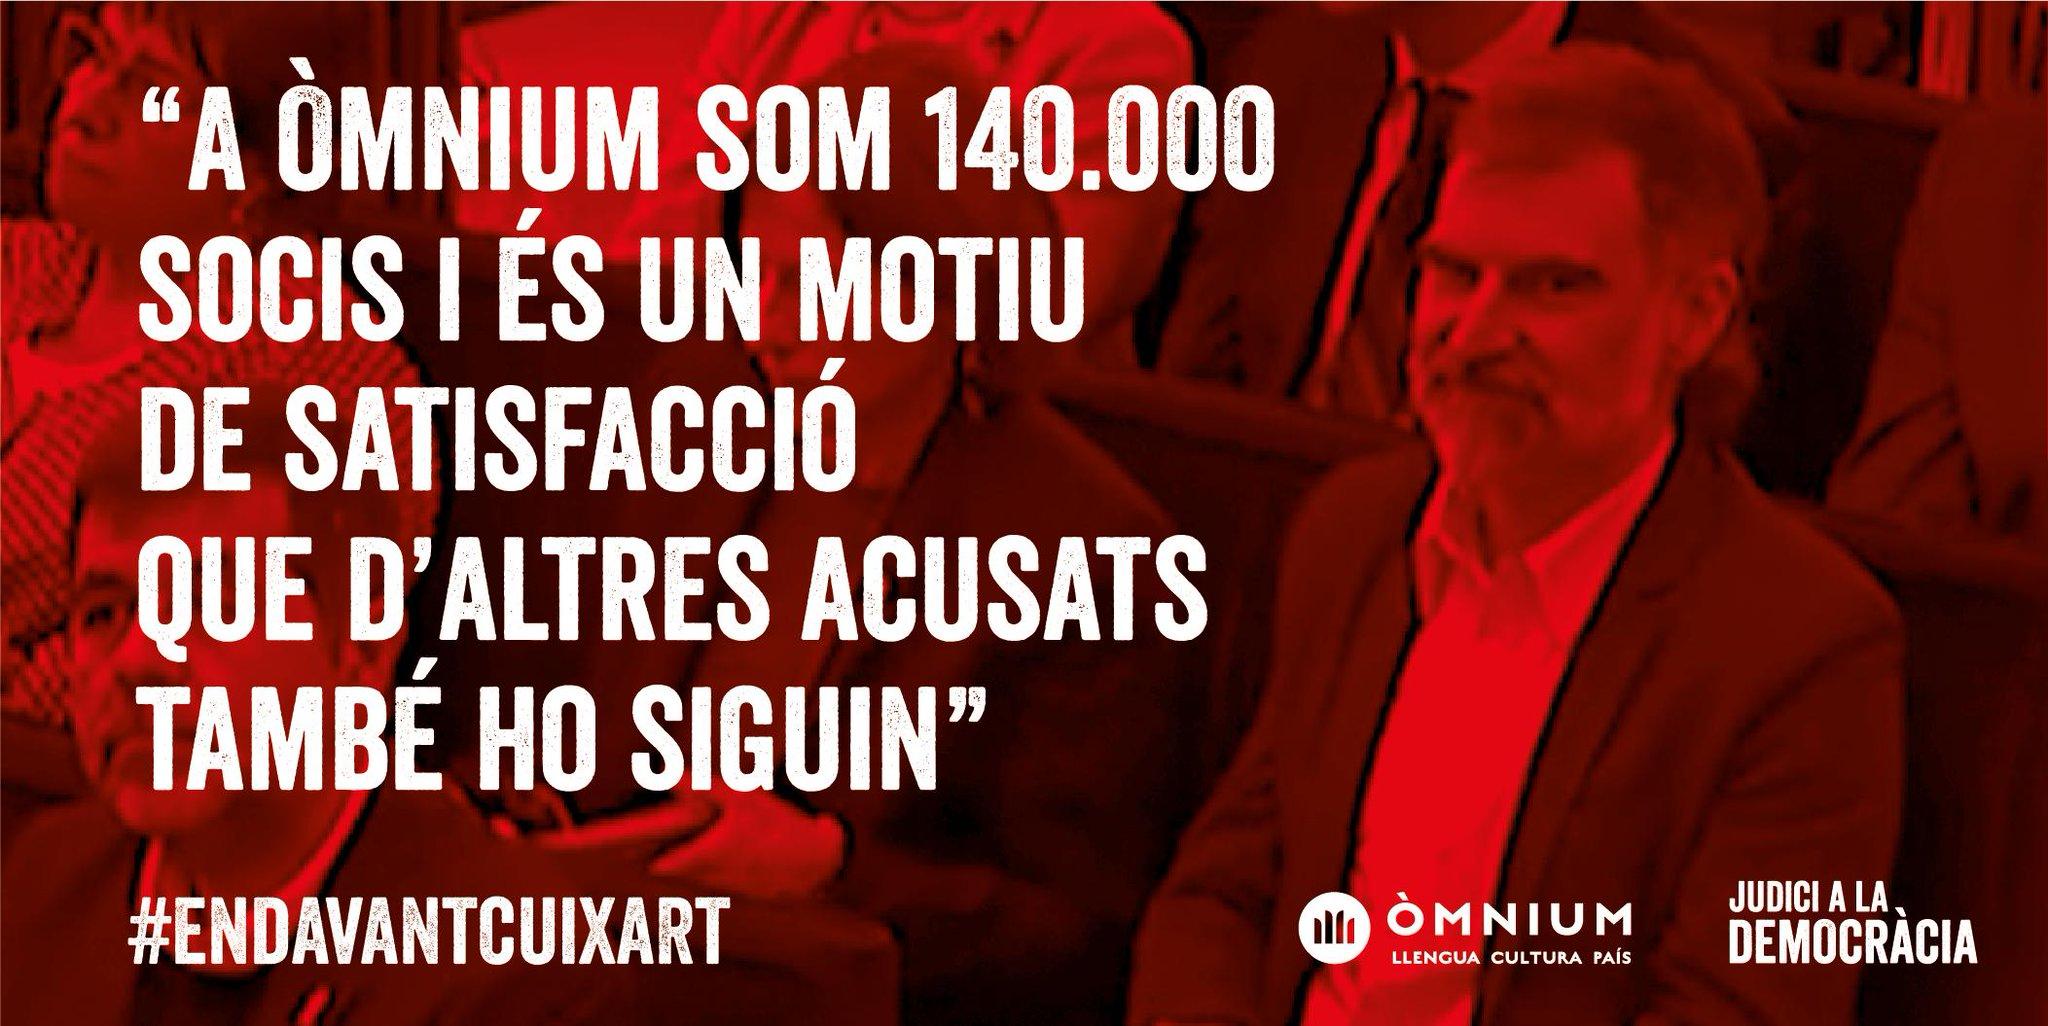 D0UcriJX0AEvQmA - Declaració del president d'Òmnium Cultural Jordi Cuixart, al Tribunal Suprem. 26 de febrer de 2019. Recollida per Omnium Cultural